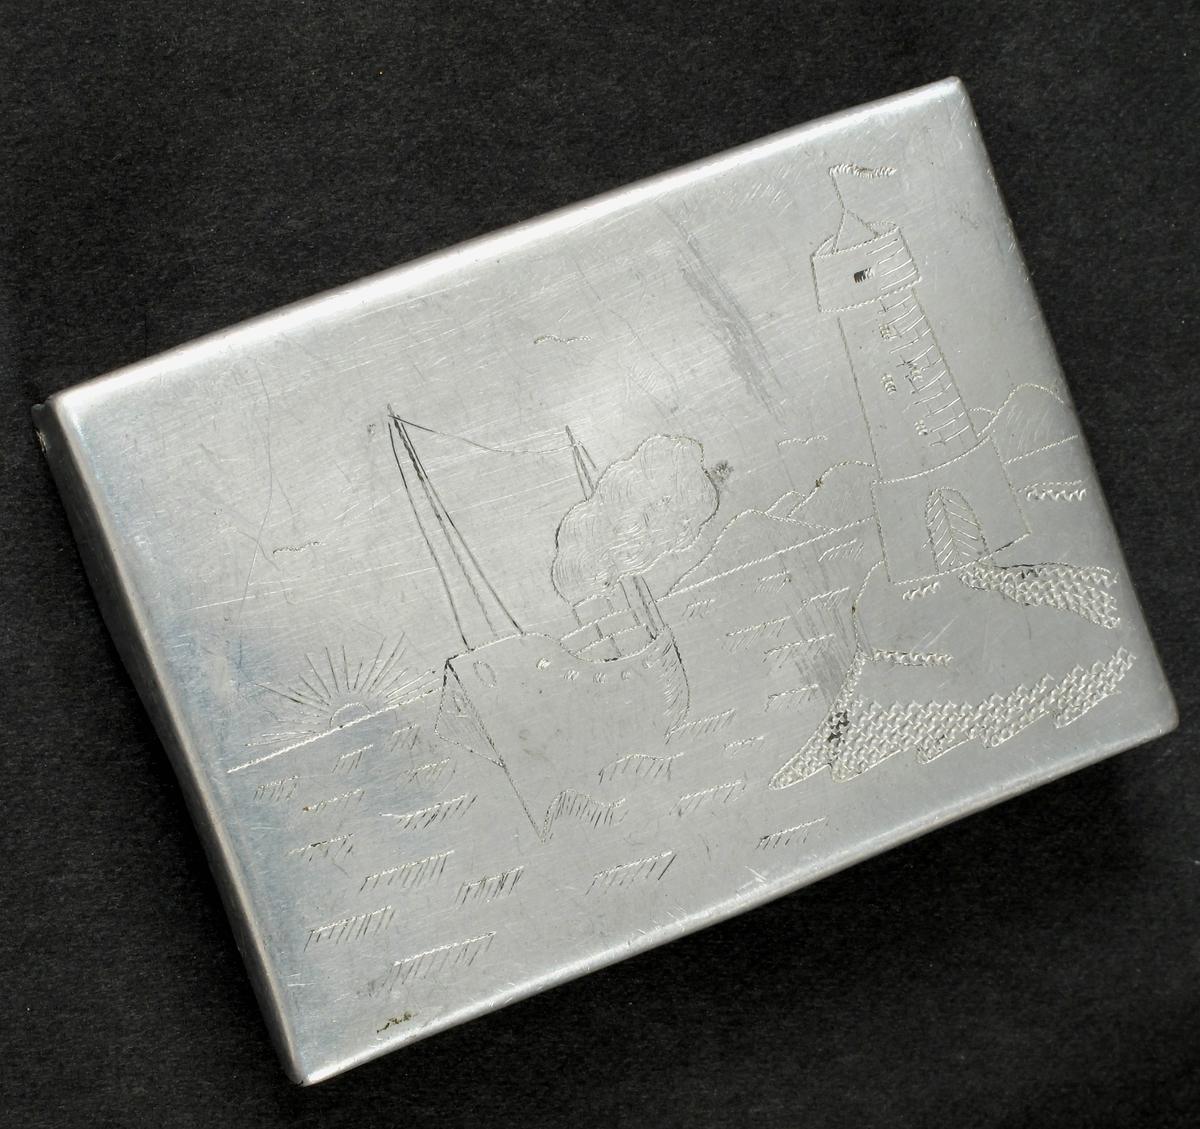 Kystlandskap m. dampskip, solnedgang, fyrlykt. Sovjetunionens symbol, hammer og sigd, stjerne.